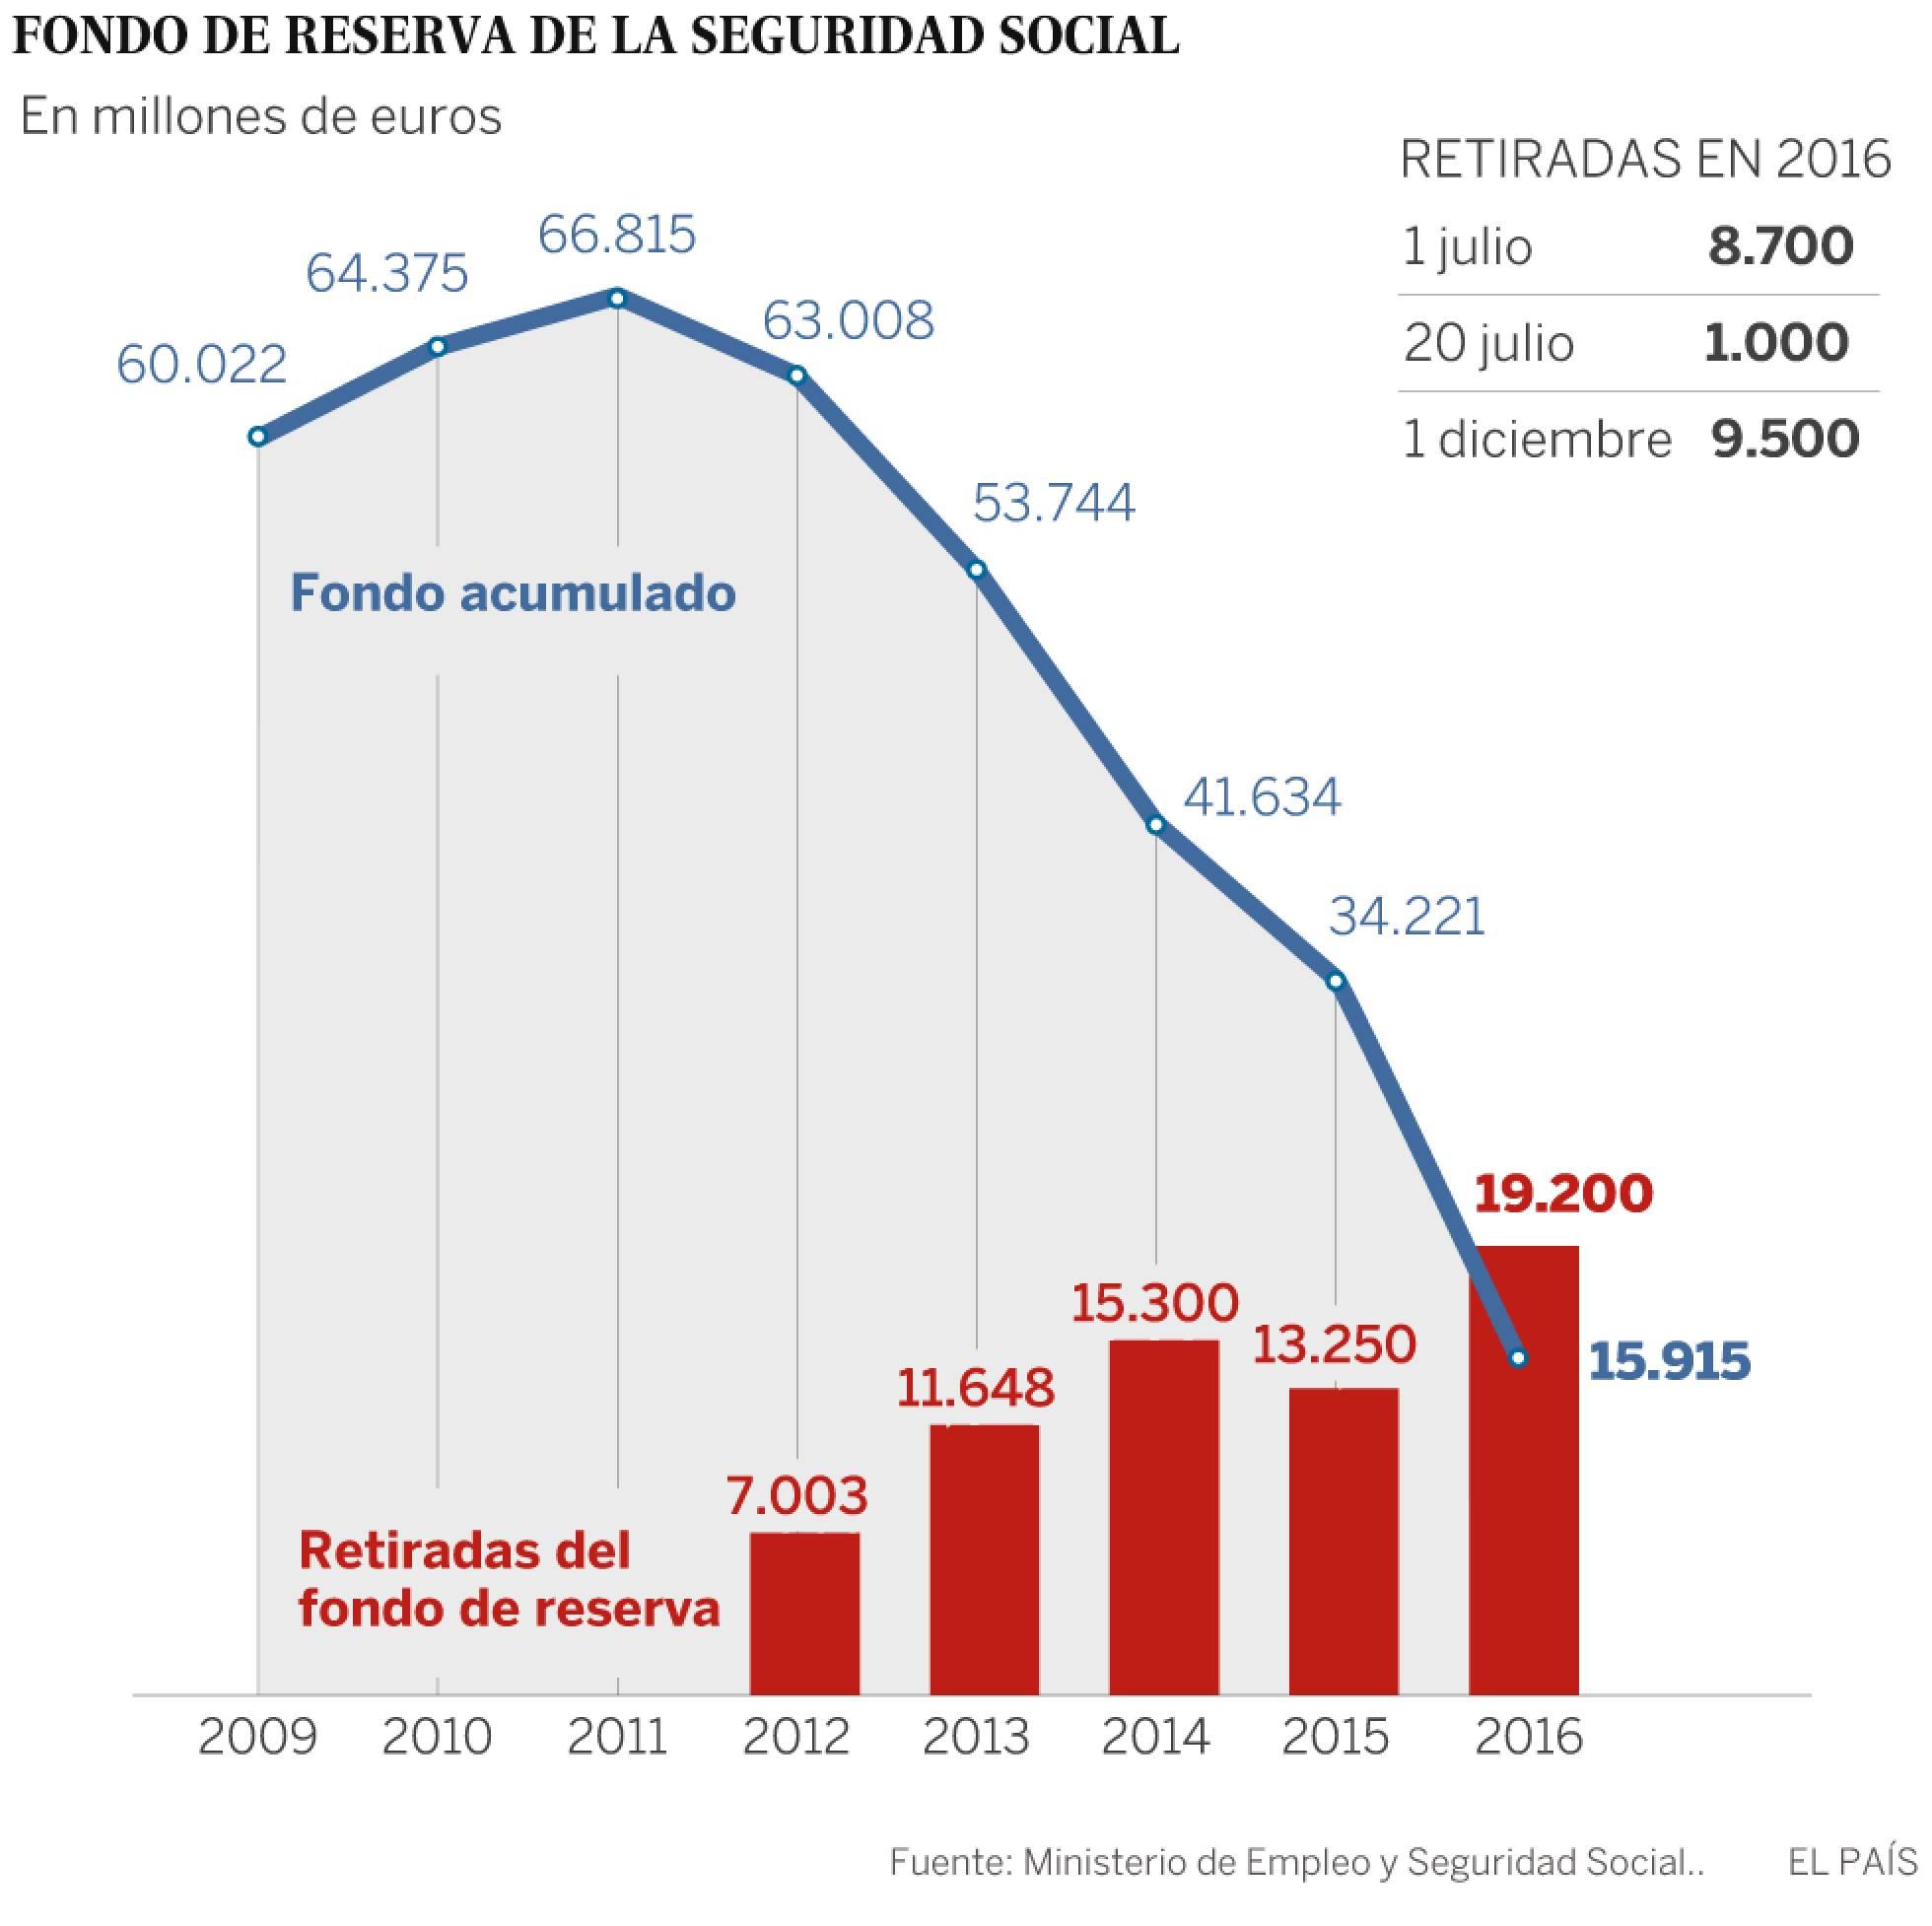 """Pensiones, jubilad@s. Continuidad en el """"damos y quitamos"""". Aumento de la privatización. La OCDE y el FMI por disminuirlas, retrasarlas...   - Página 6 1480607513_131632_1480608395_noticia_normal_recorte1"""